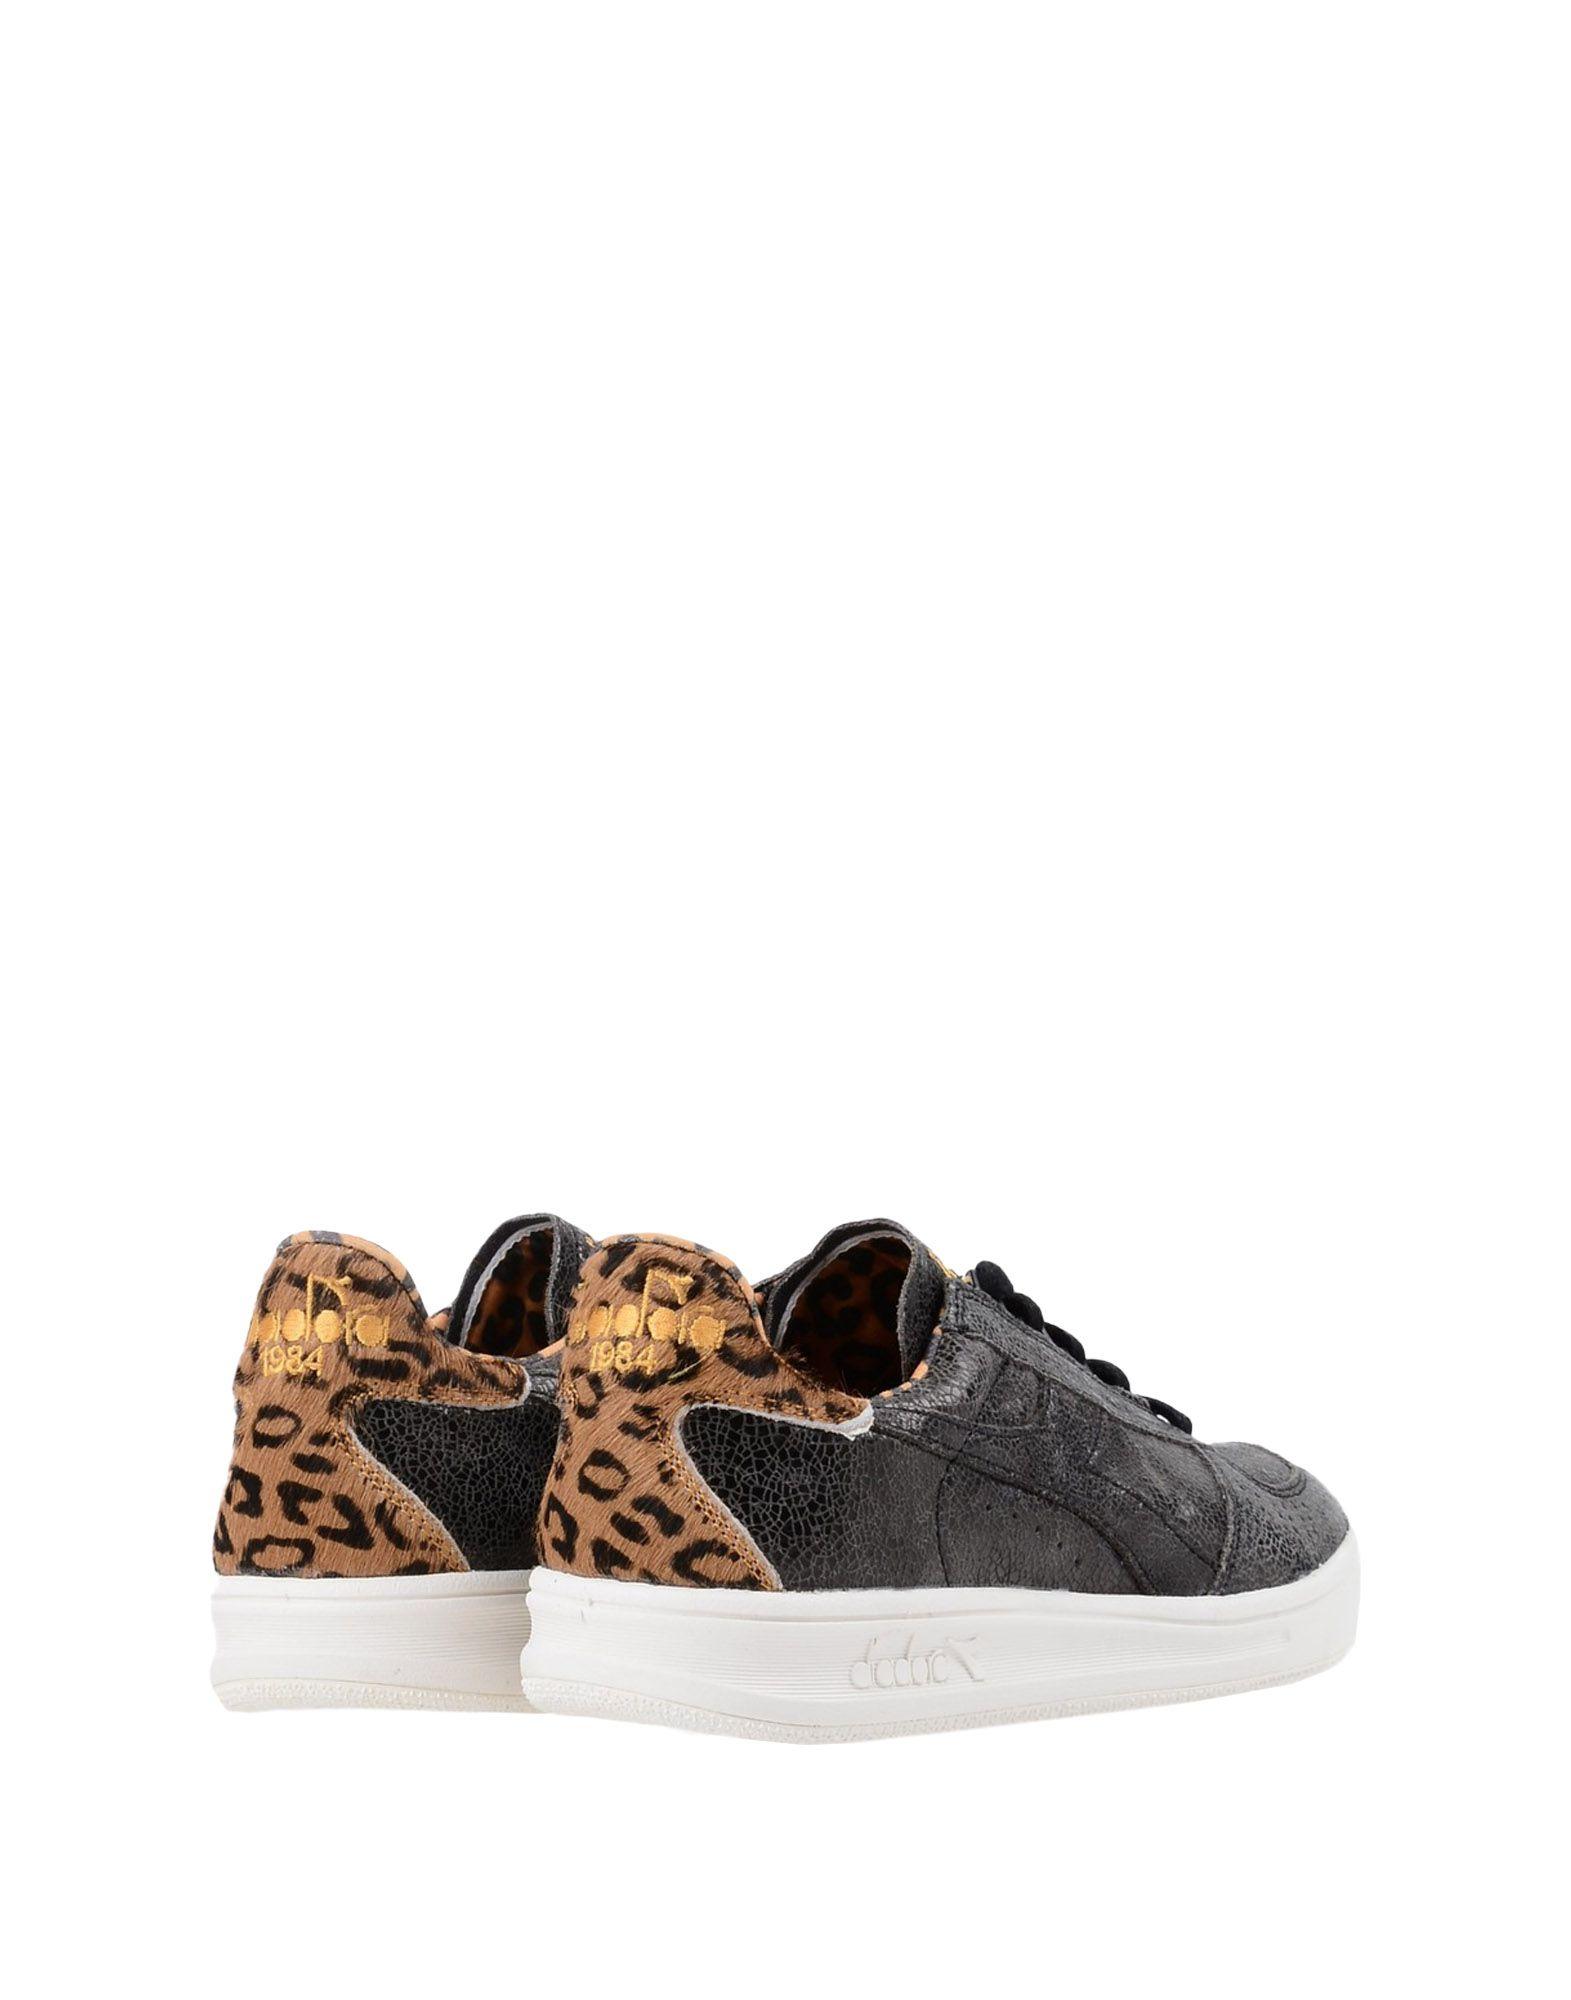 Diadora  Heritage B.Elite W Animalier  Diadora 11328305DA Gute Qualität beliebte Schuhe 0b3ee0